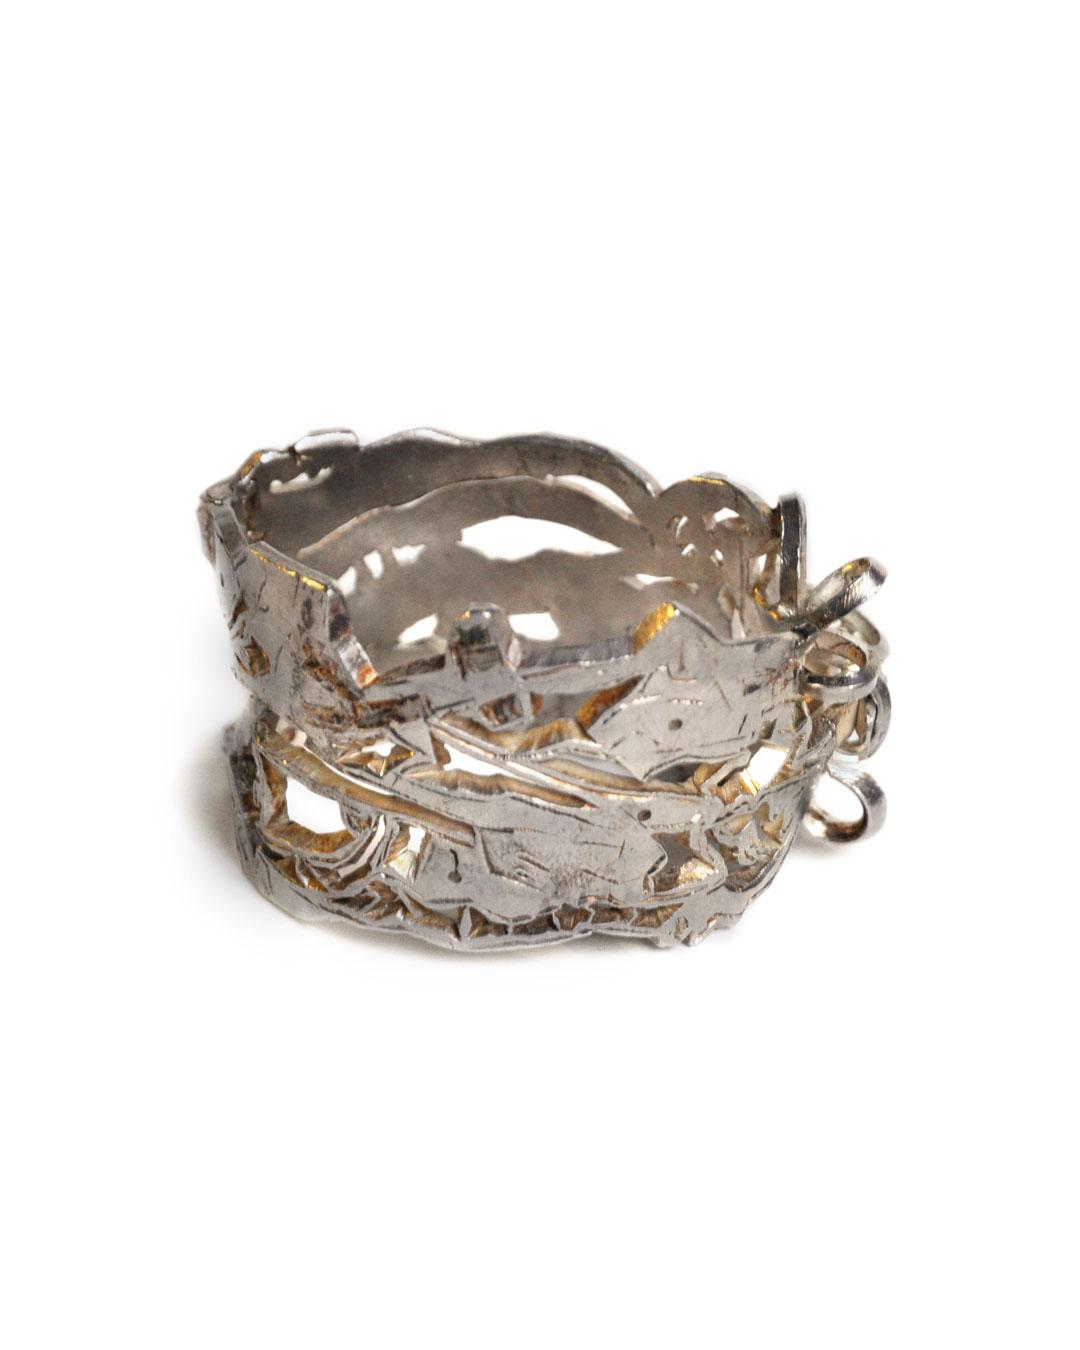 Rudolf Kocéa, Stier, 2008, armband; zilver, ø 70 x 40 mm, €2750